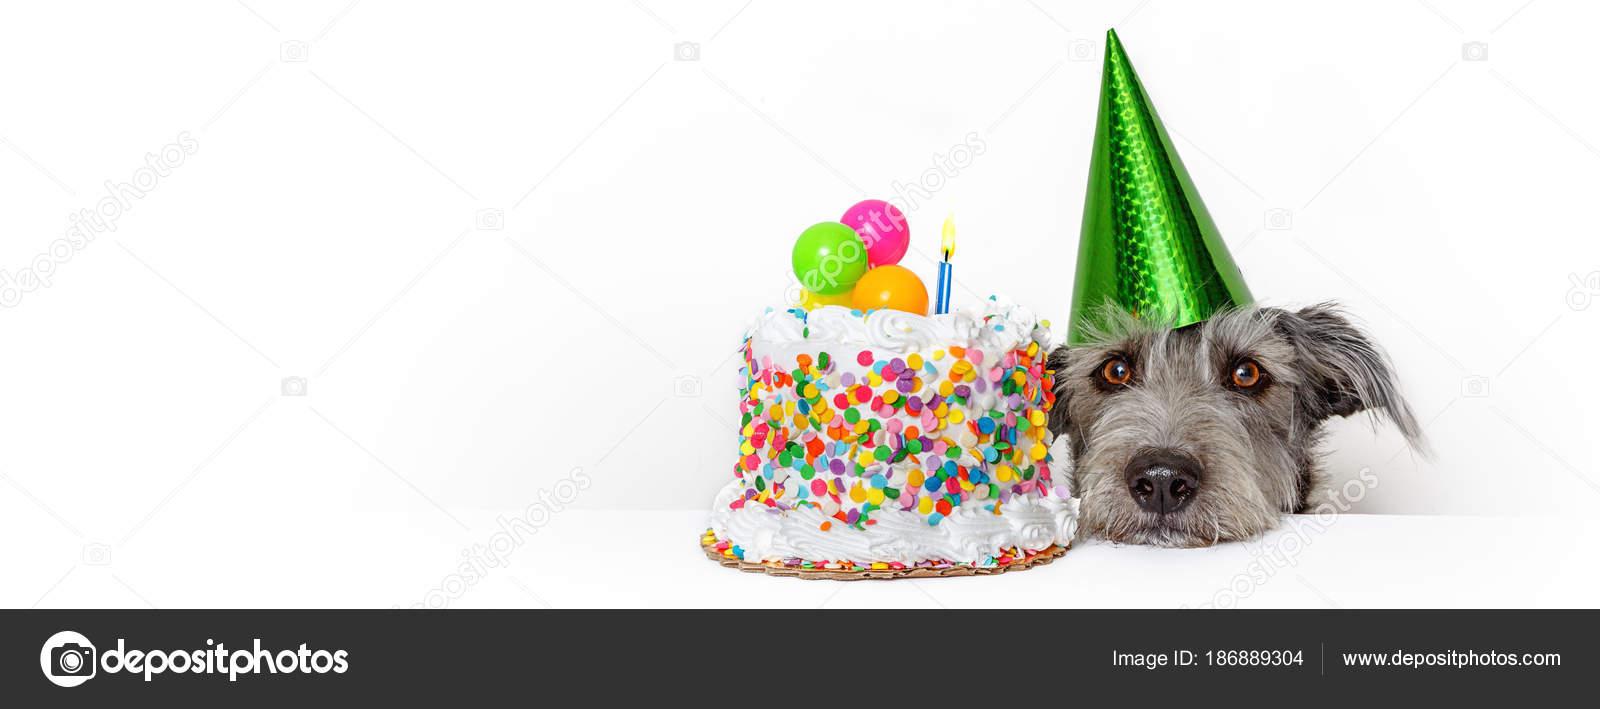 Schattige Hond Met Partij Hoed Verjaardag Taart Horizontale Web